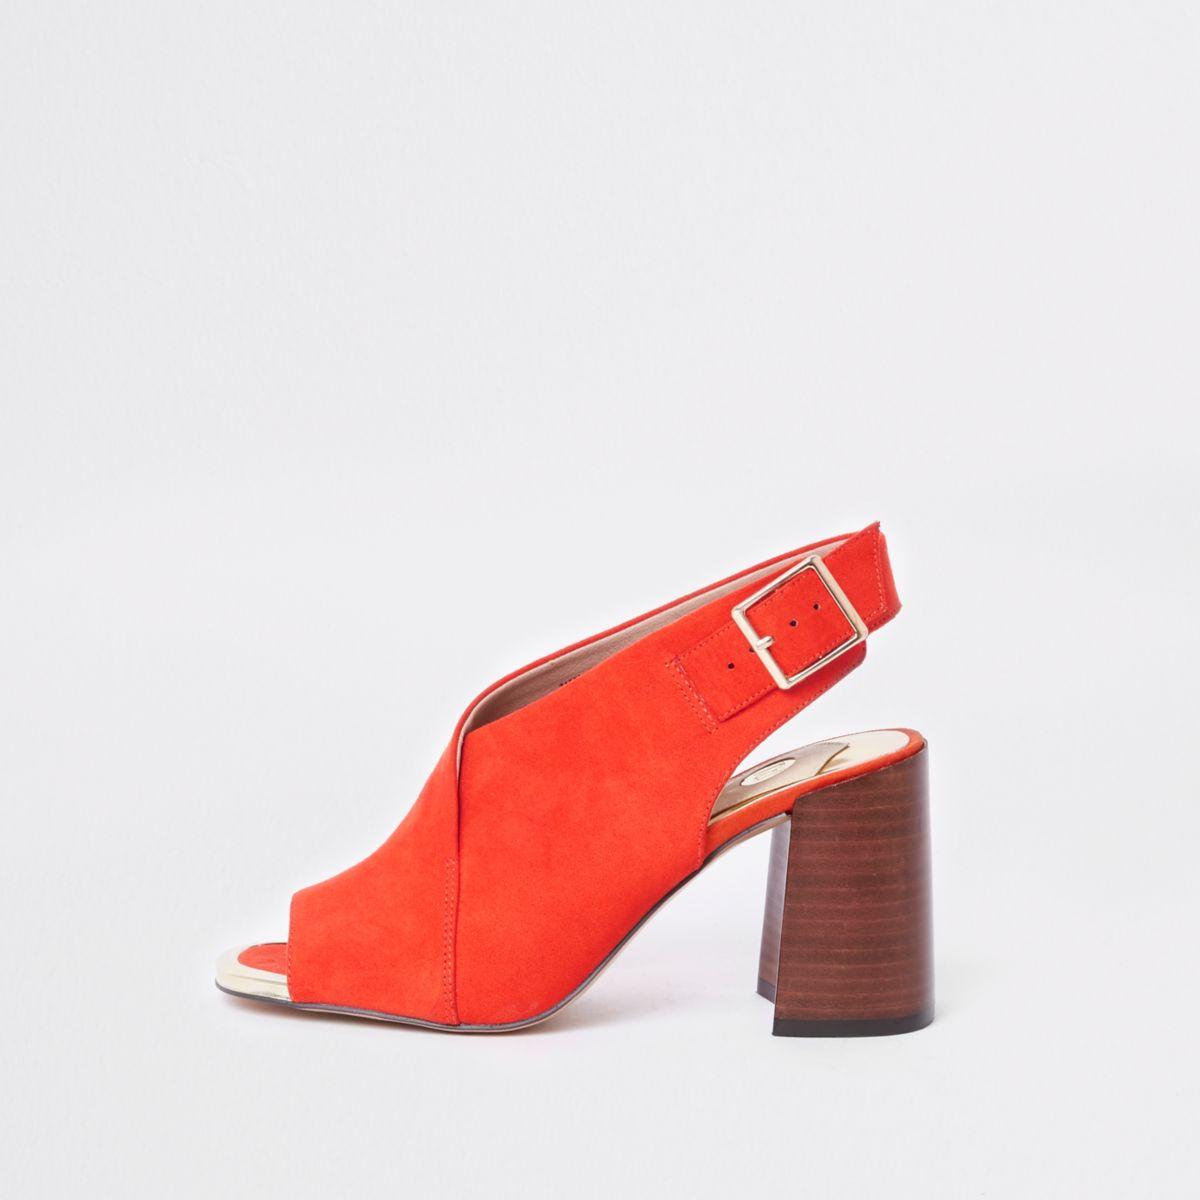 Red block heel shoe boots